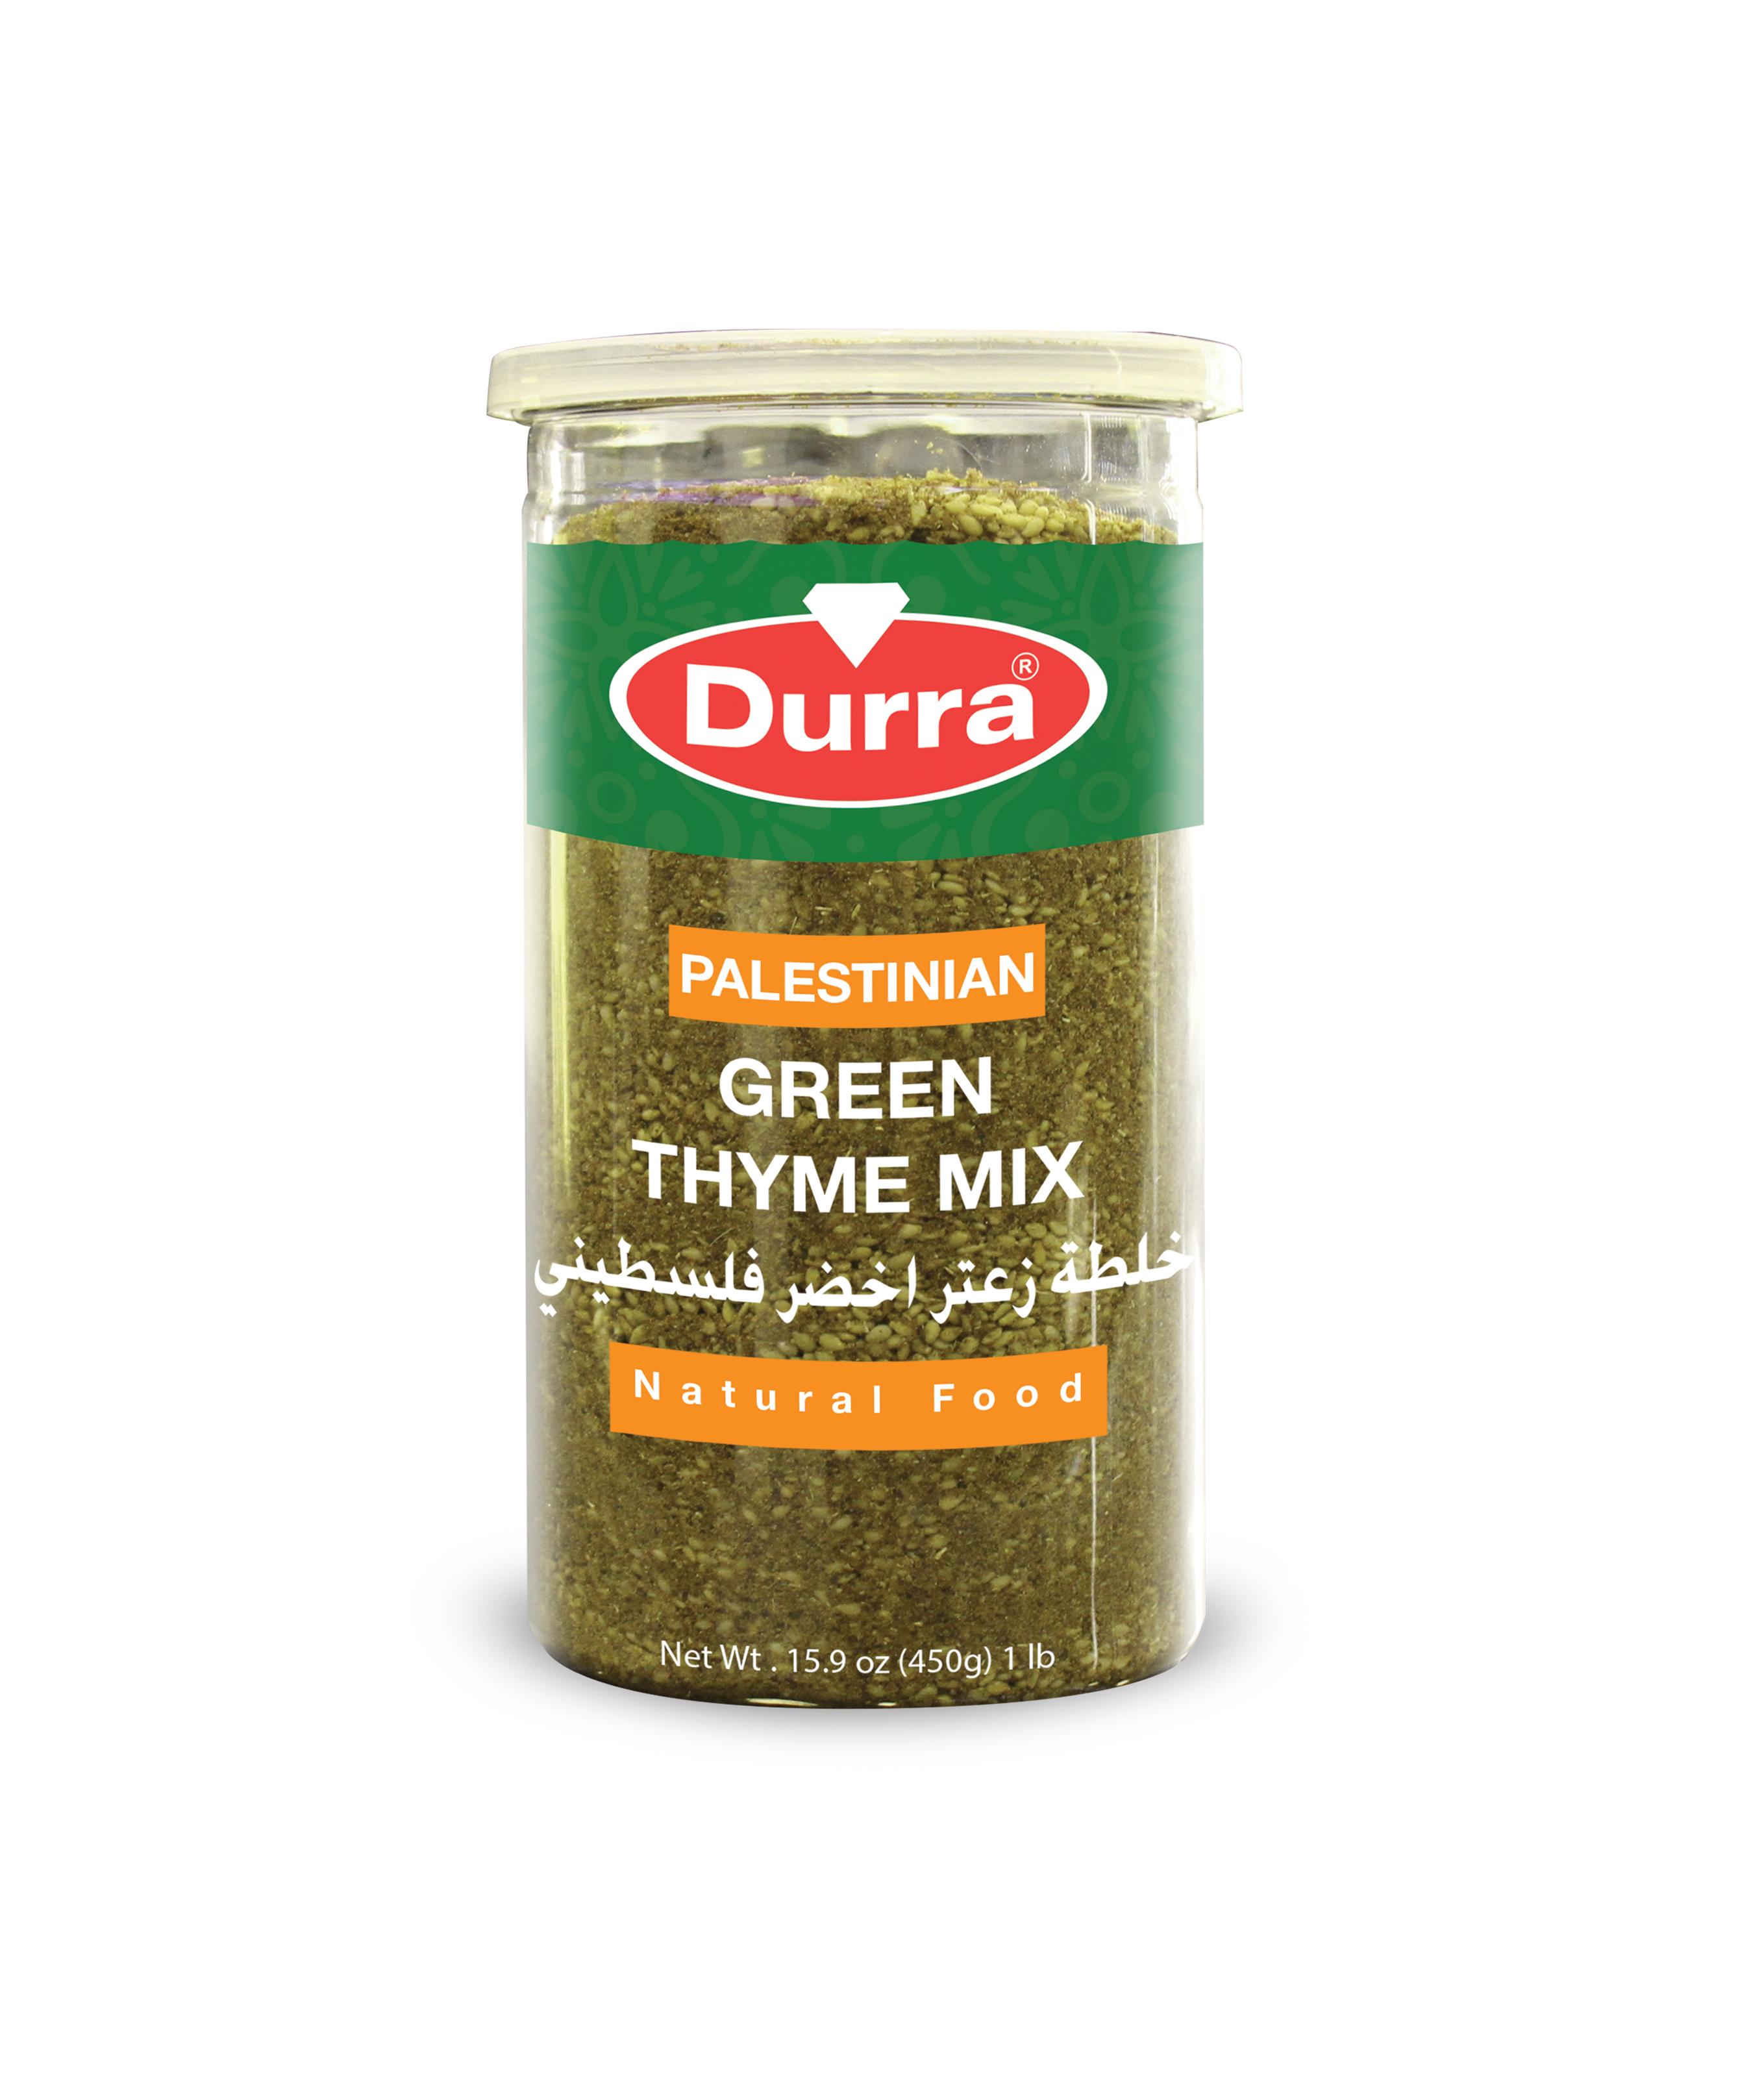 زعتر اخضر فلسطيني مطربان بلاستيك 450غ